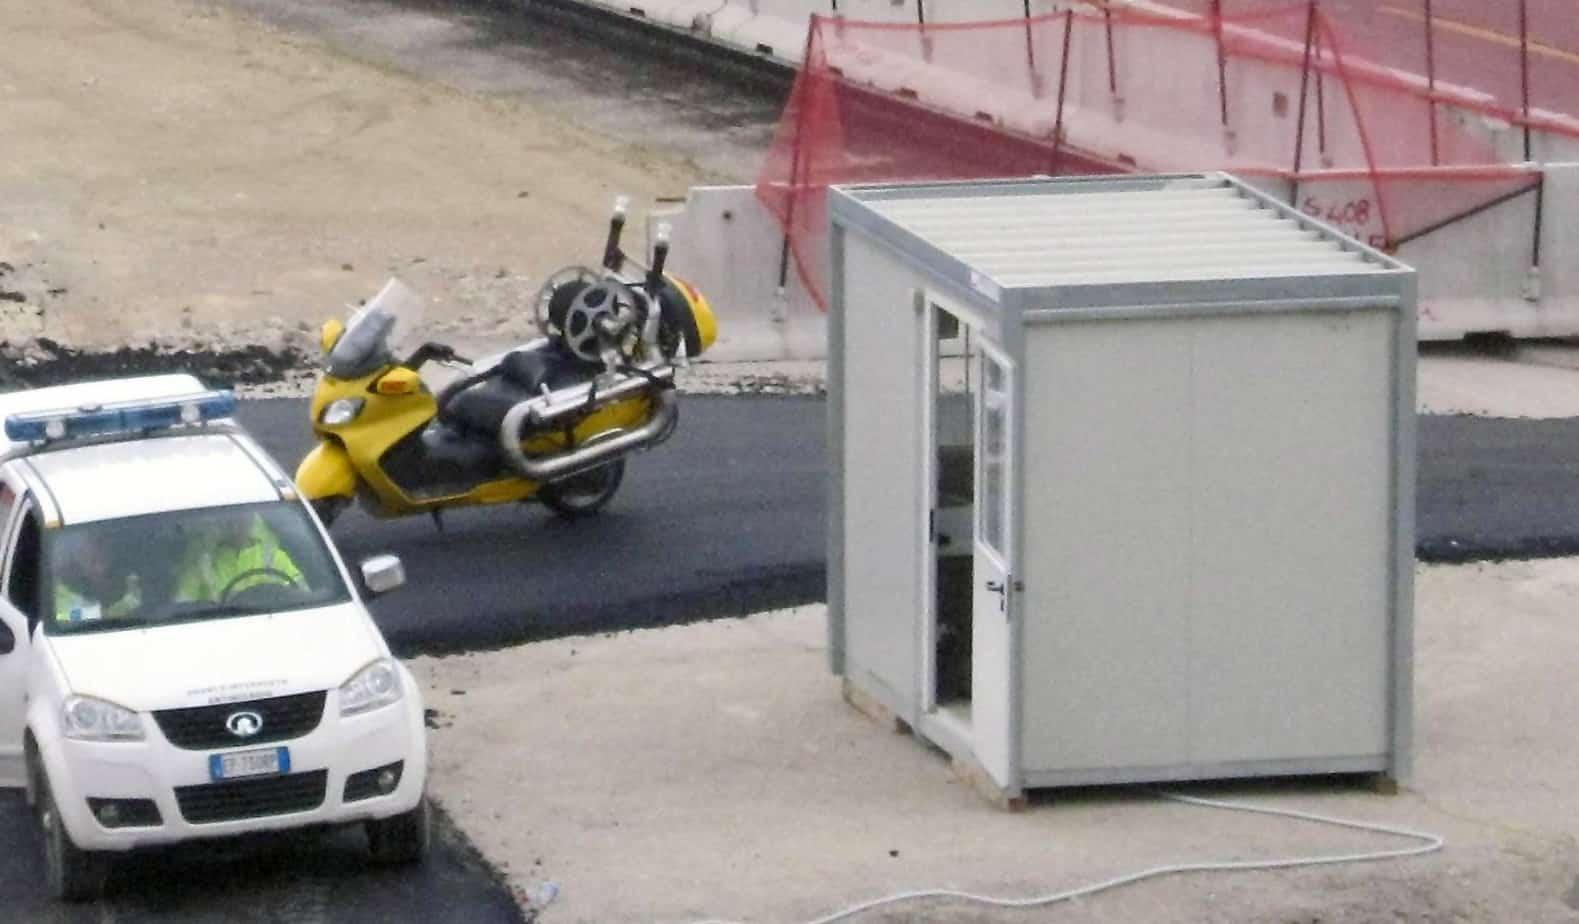 Lo scooter in dotazione al Sicurista per servizio di primo intervento in caso di incendio